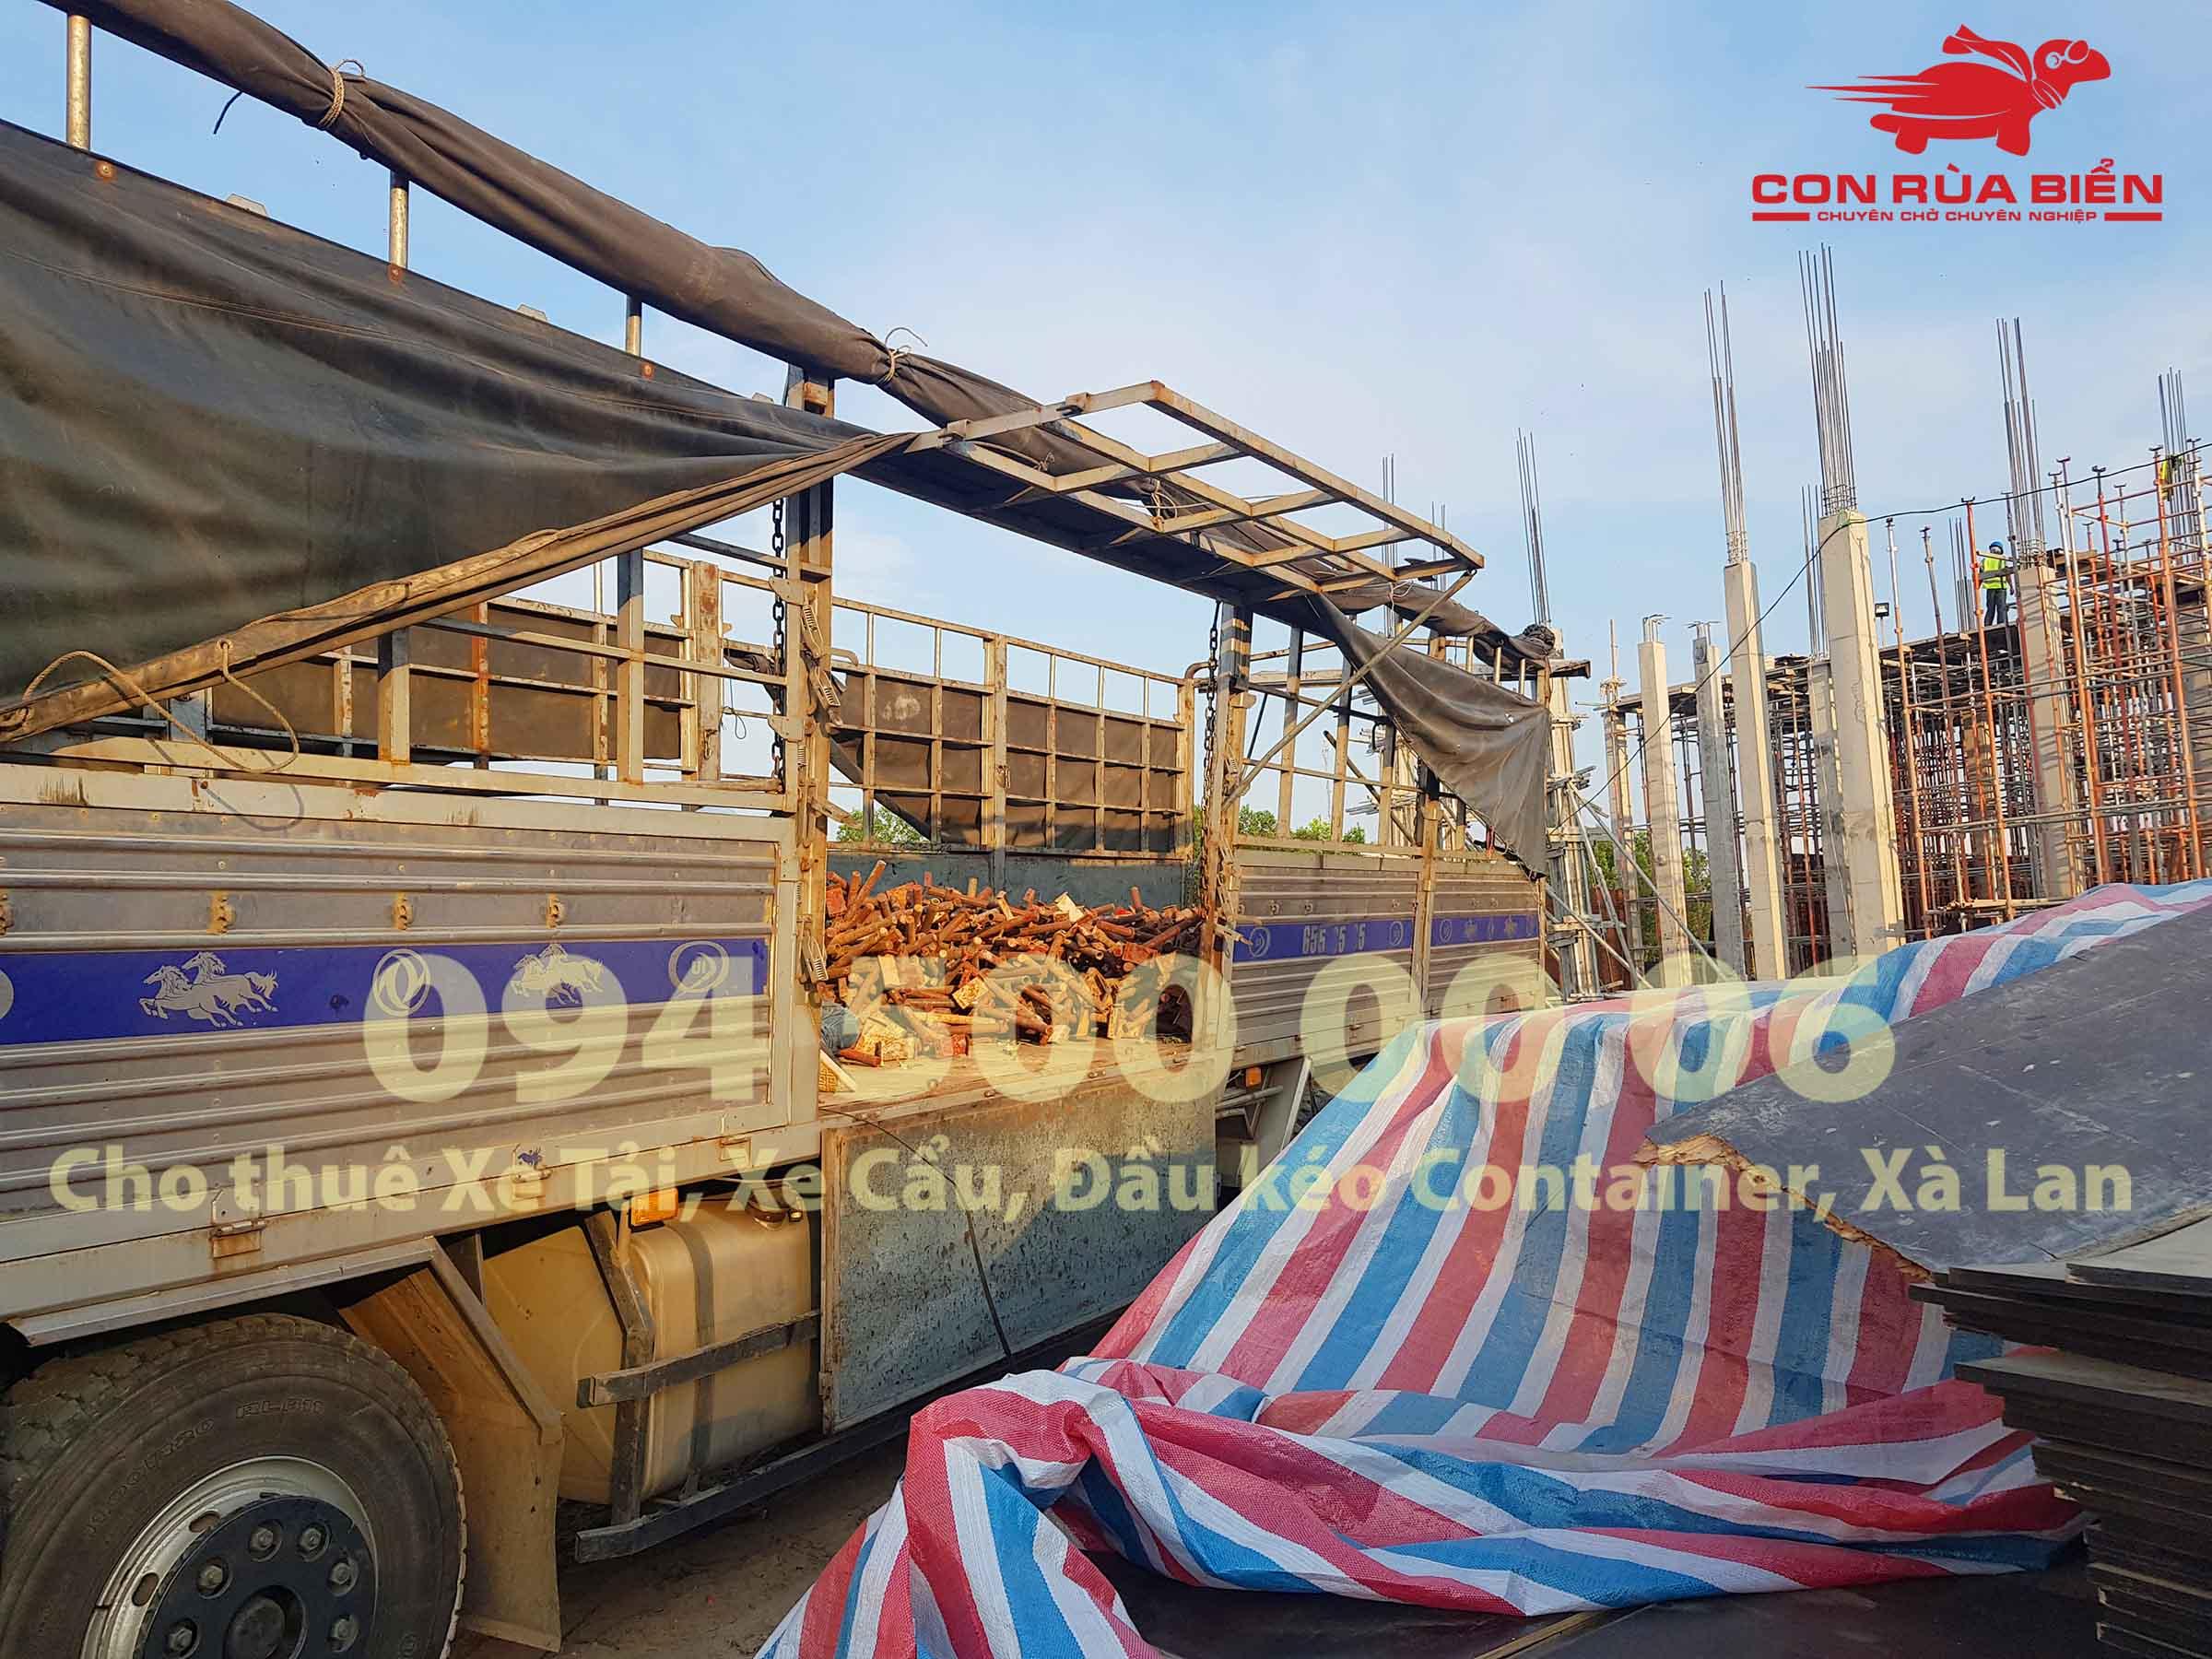 (Ảnh: Dự án vận chuyển Giàn Giáo công trình đi Phú Quốc - Chành xe Phú Quốc - Con Rùa Biển; trong ảnh là cảnh xe tải 20 tấn tại Phú Quốc đang đi giao giàn giao tại chân công trình ở Gành Dầu, Phú Quốc)